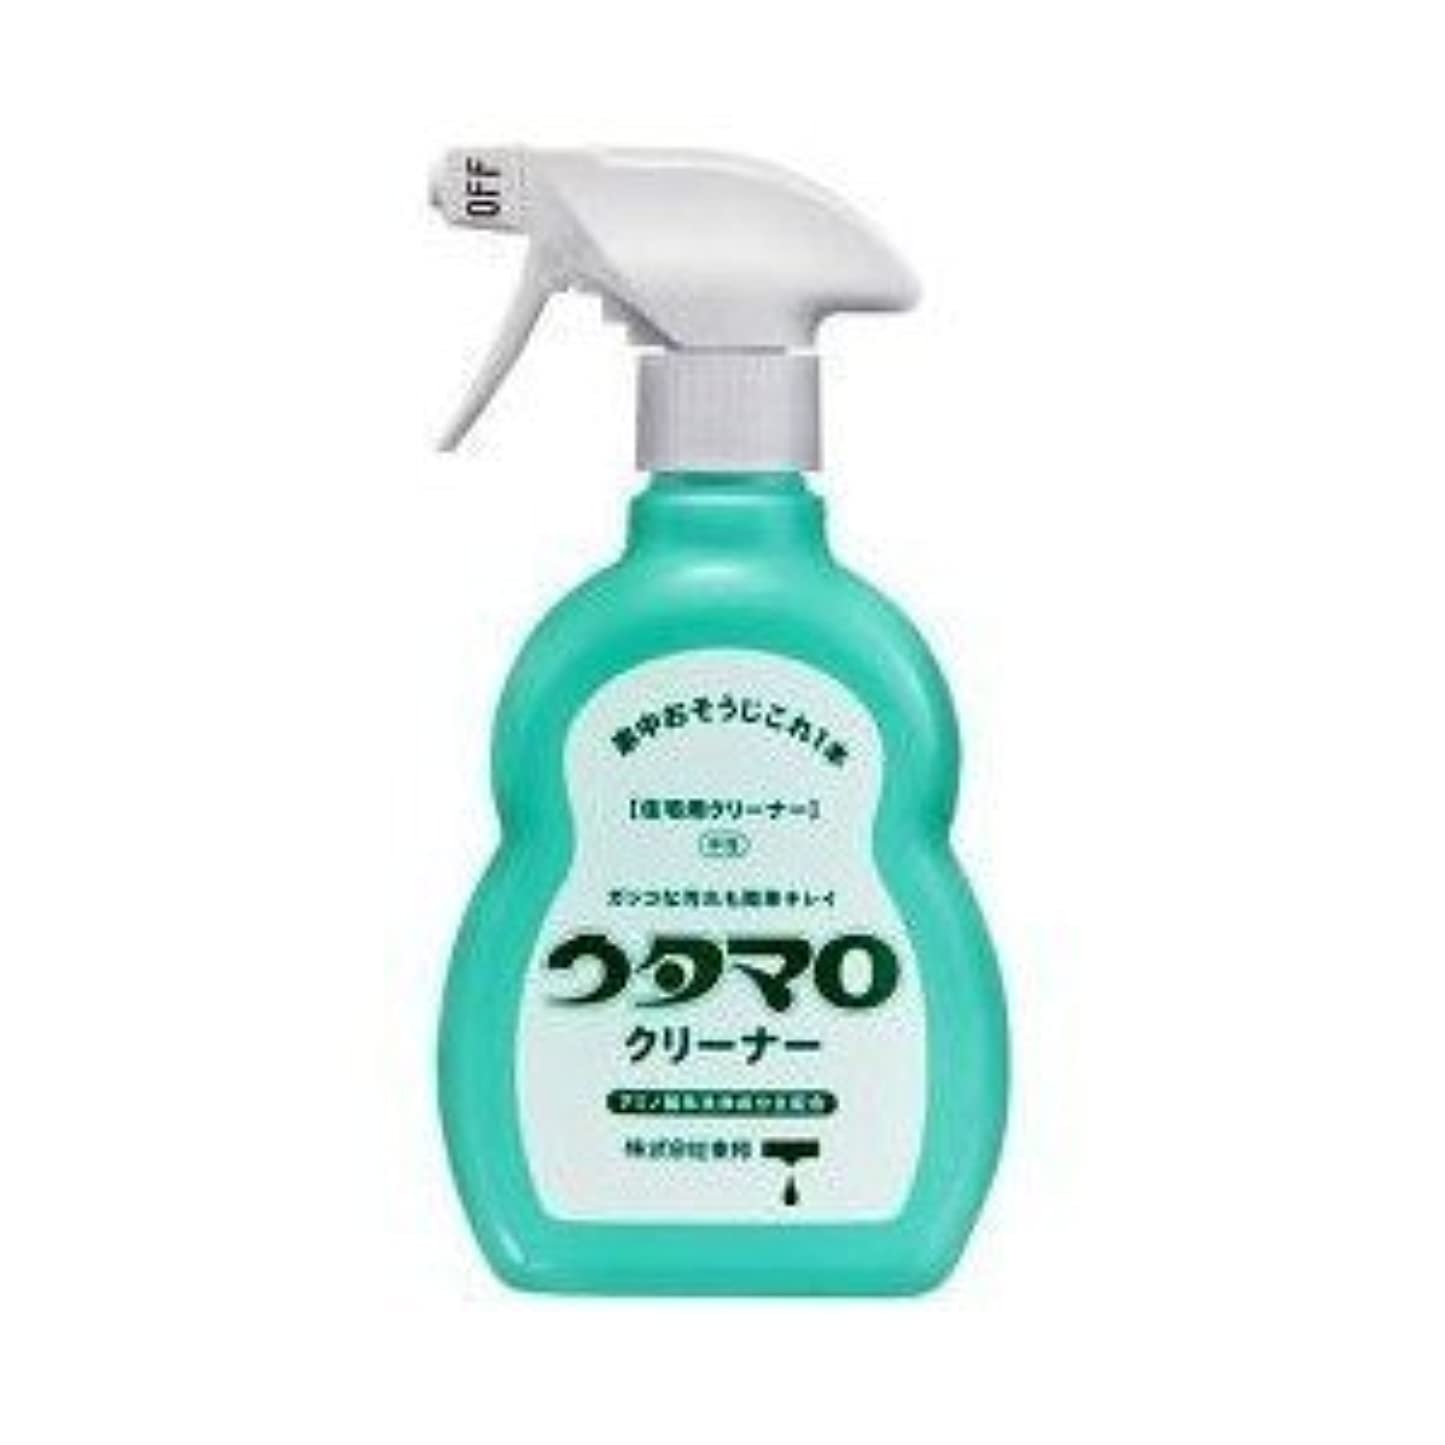 顕微鏡首自動化ウタマロ クリーナー 400ml 洗剤 住居用 アミノ酸系洗浄成分主配合 さわやかなグリーンハーブの香り